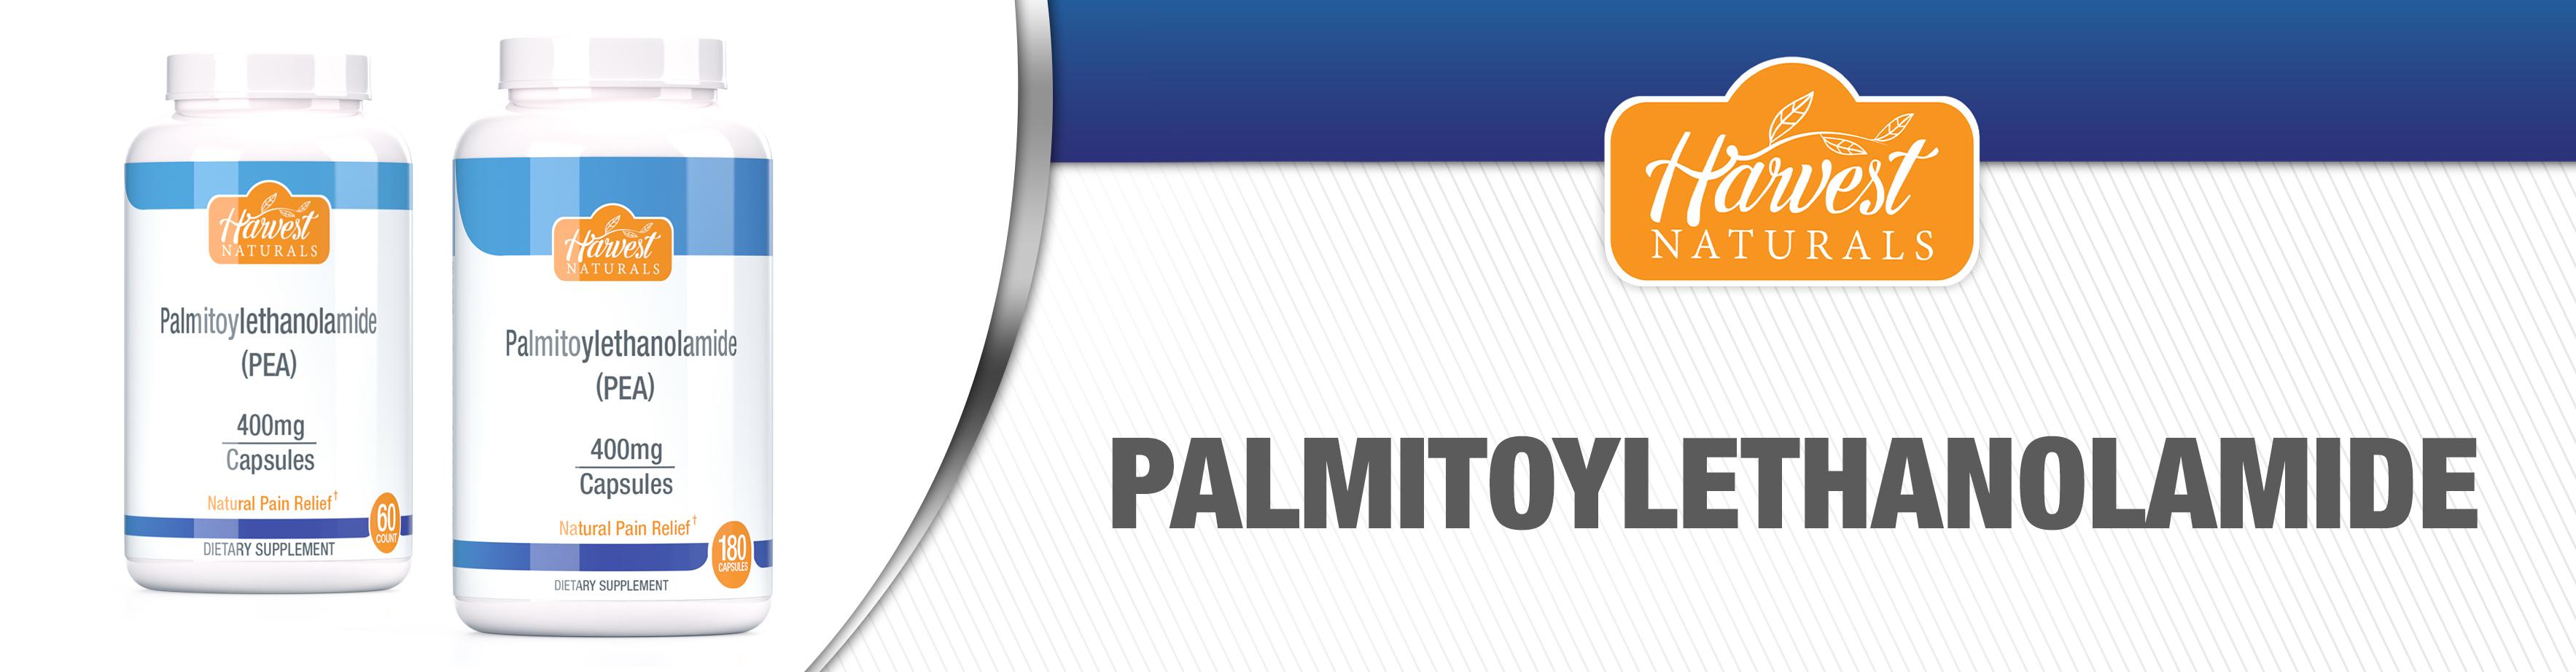 palmitoylethanolamide-capsules-10-21.jpg